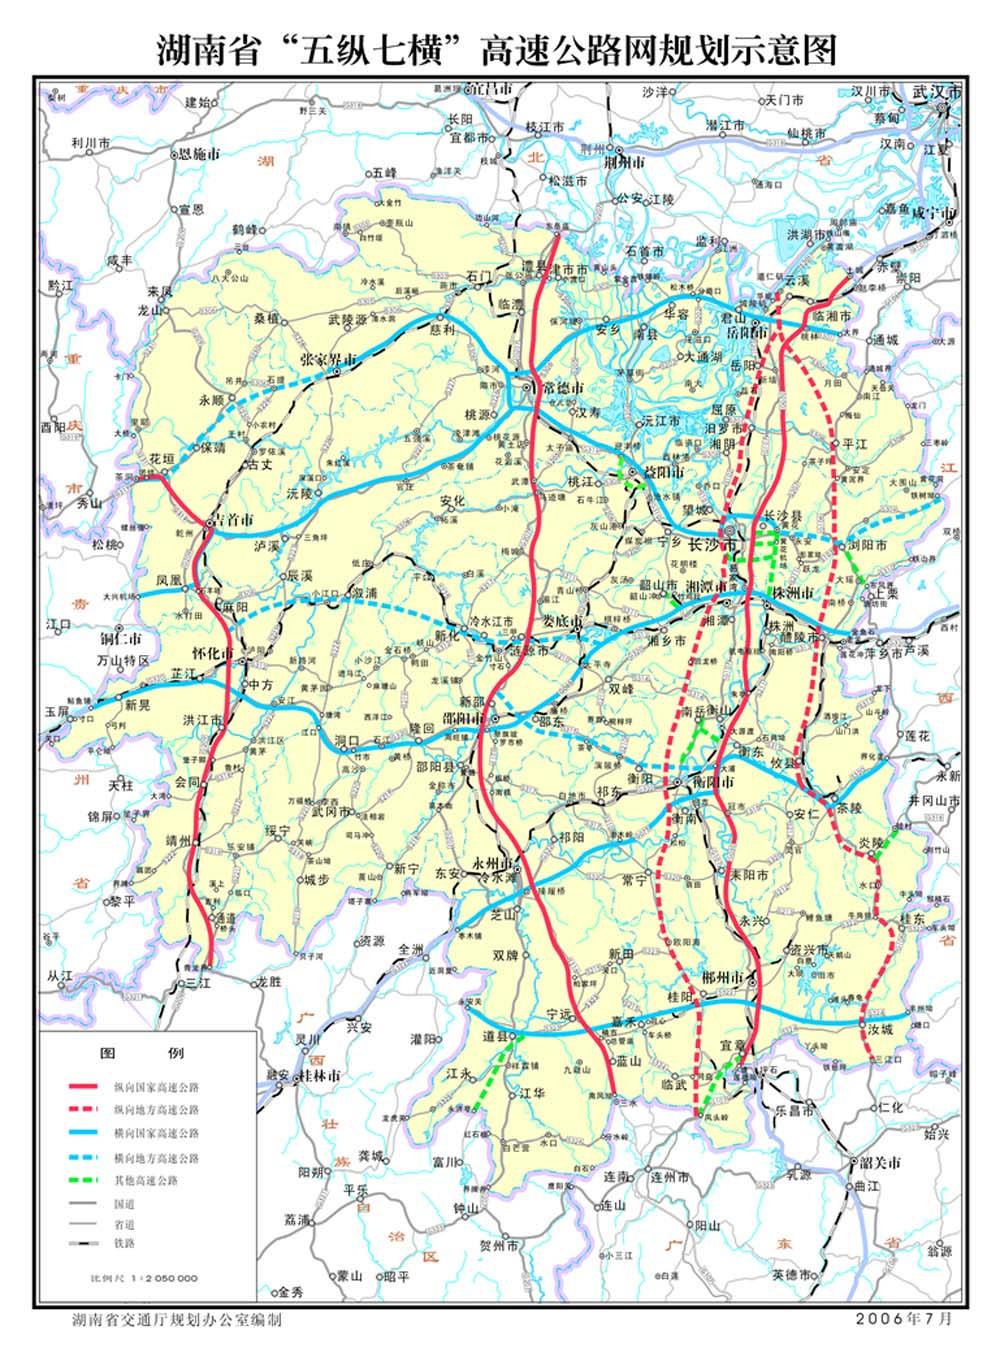 湖南省高速公路地图